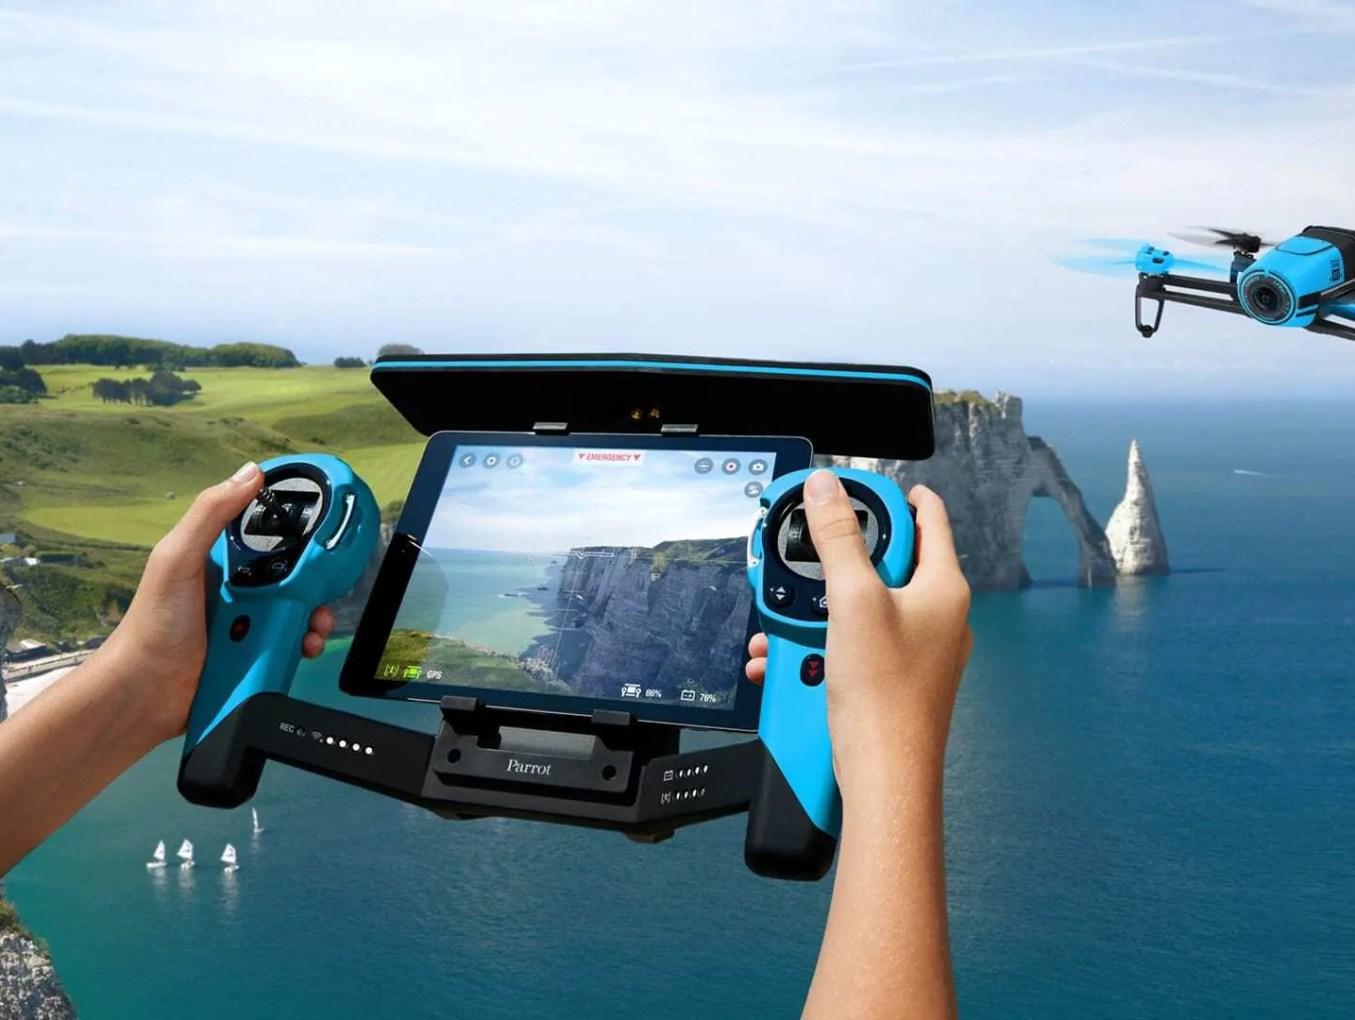 Tecnologia -  A utilização dos Drones no cotidiano